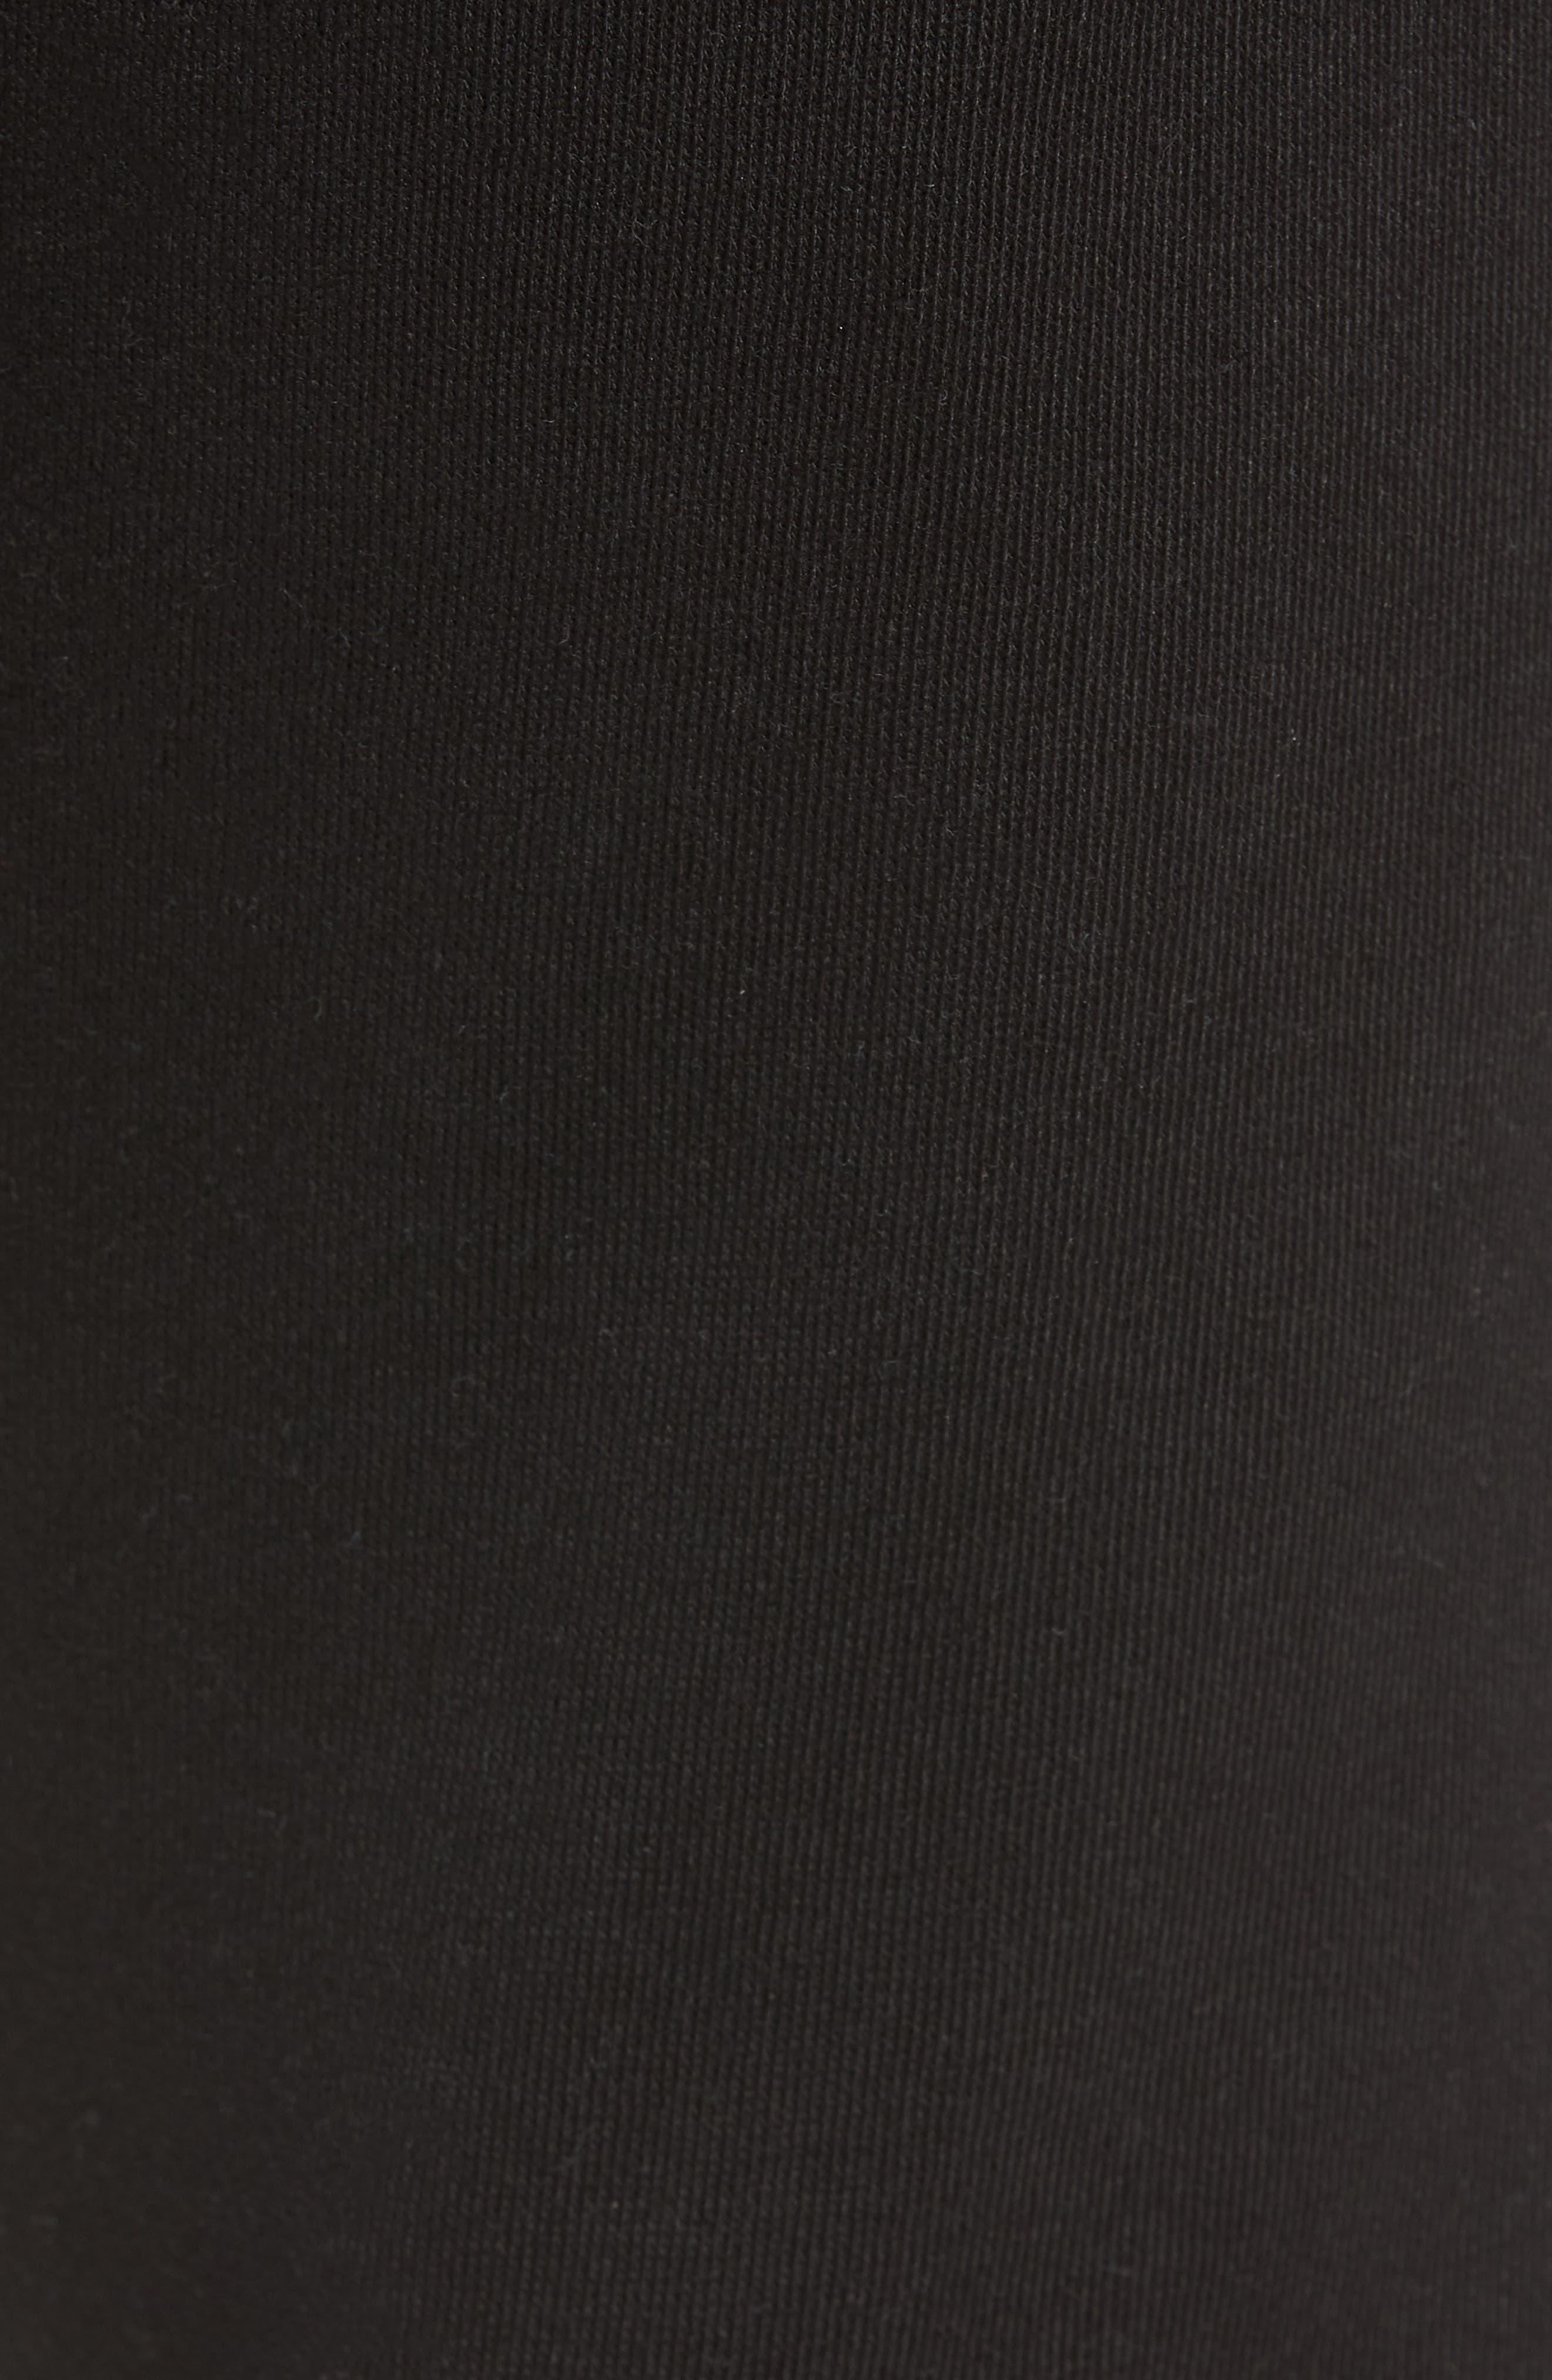 Banda Fleece Pants,                             Alternate thumbnail 5, color,                             Black